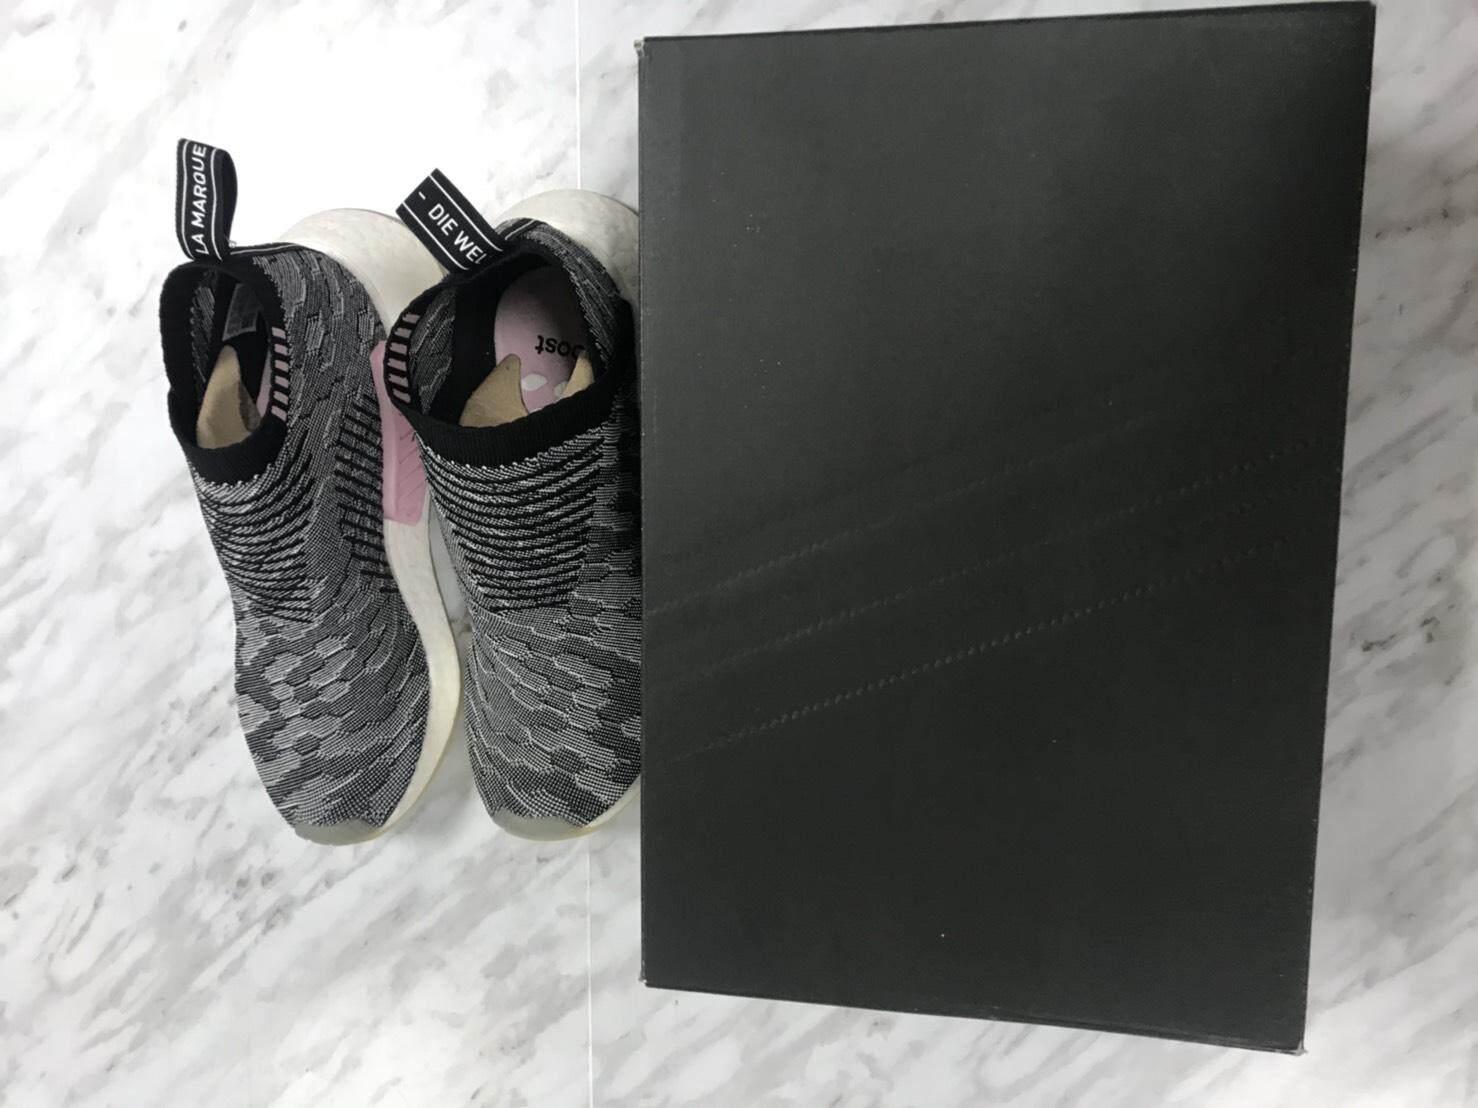 ยี่ห้อไหนดี  นครพนม ร้องเท้า Adidas NMD